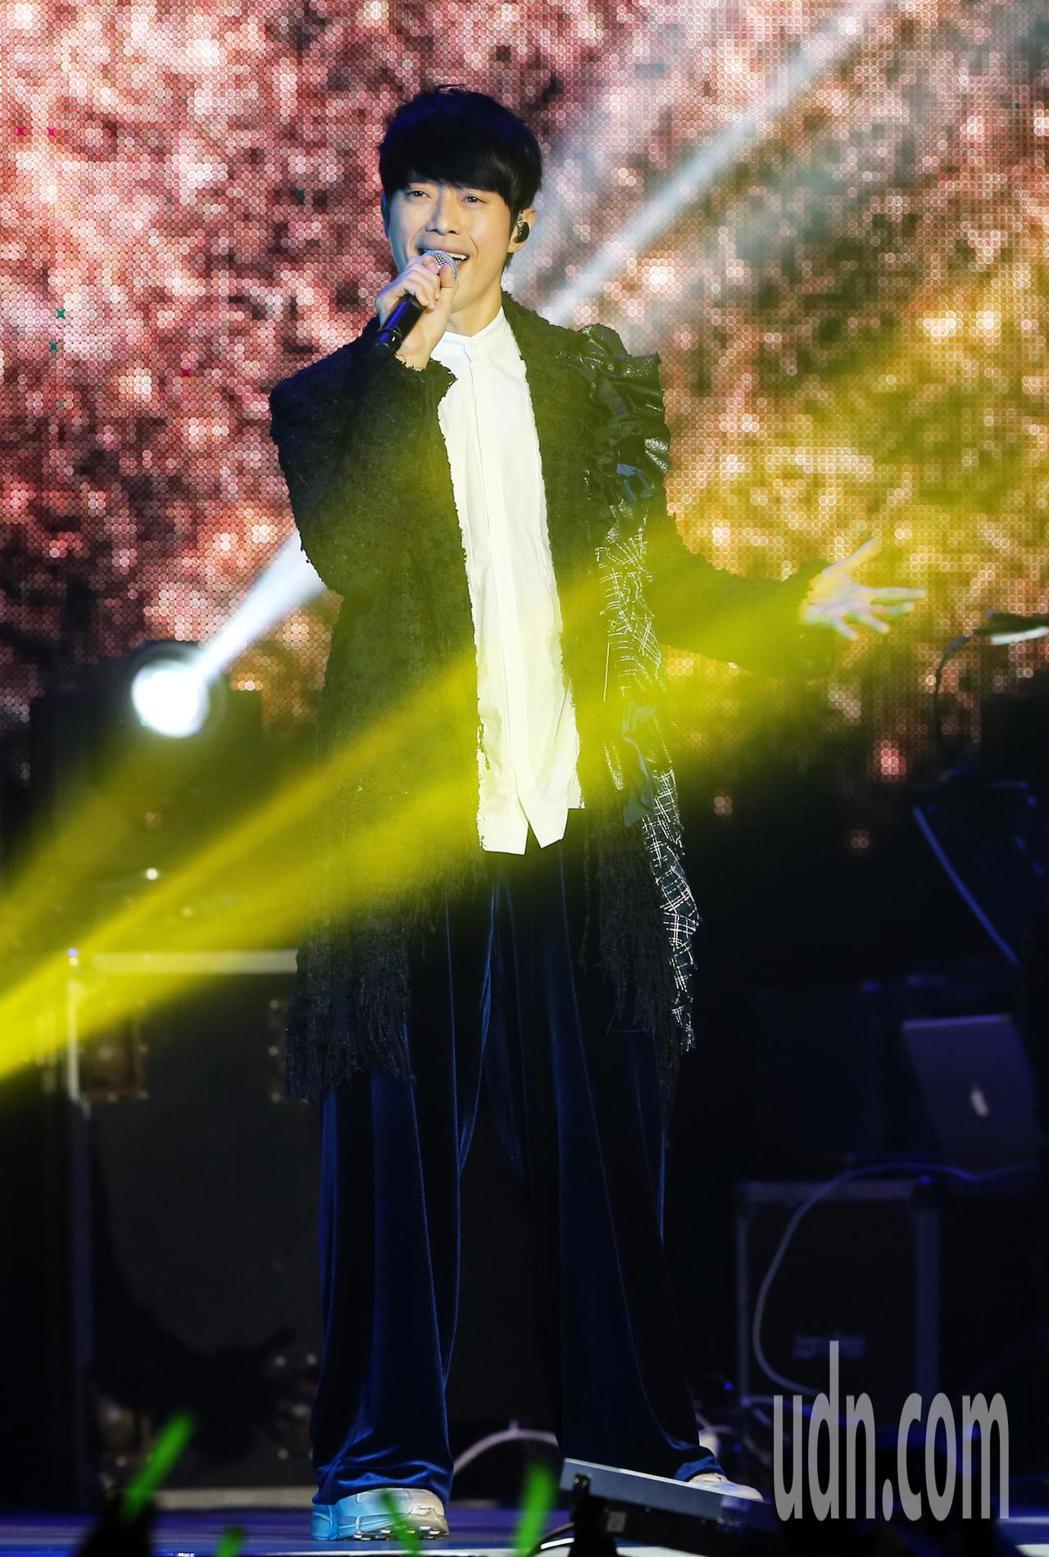 張棟樑在演唱會中一連演唱23首歌與歌迷同樂。記者徐兆玄/攝影